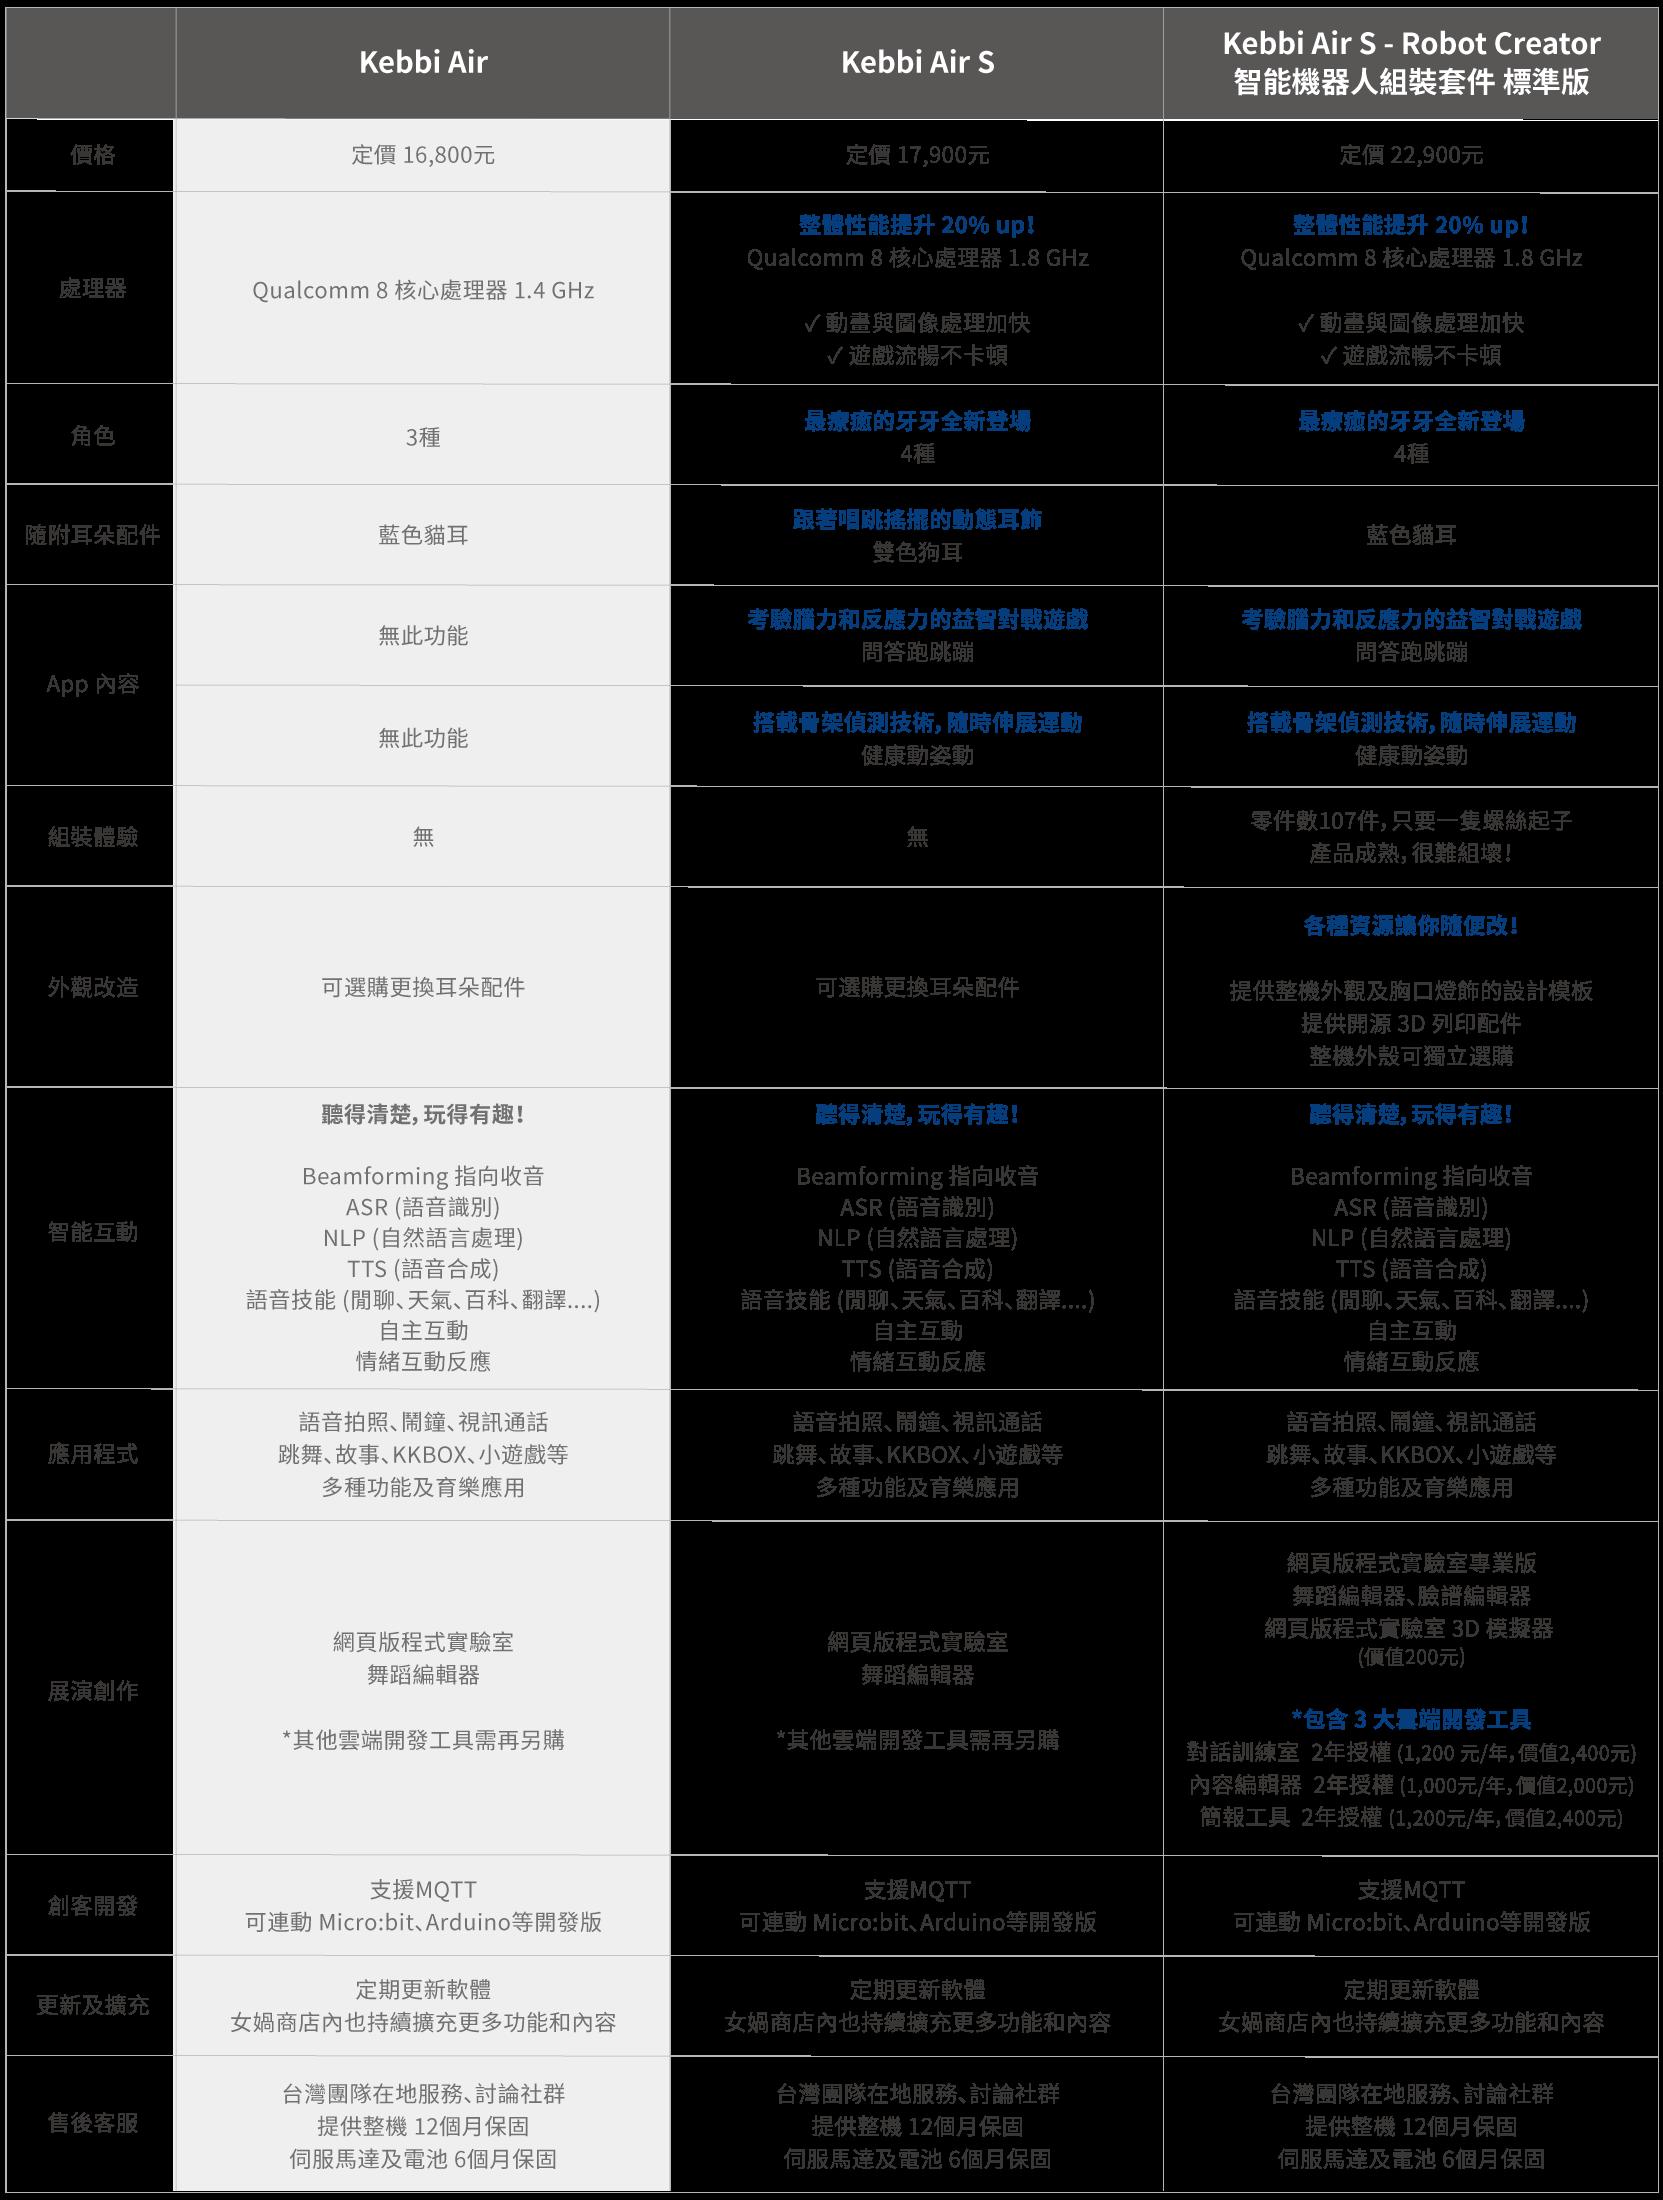 Kebbi Air S 凱比機器人|Kebbi 全系列比較,所有凱比型號功能一覽無遺,方便挑選最適合您的機器人!